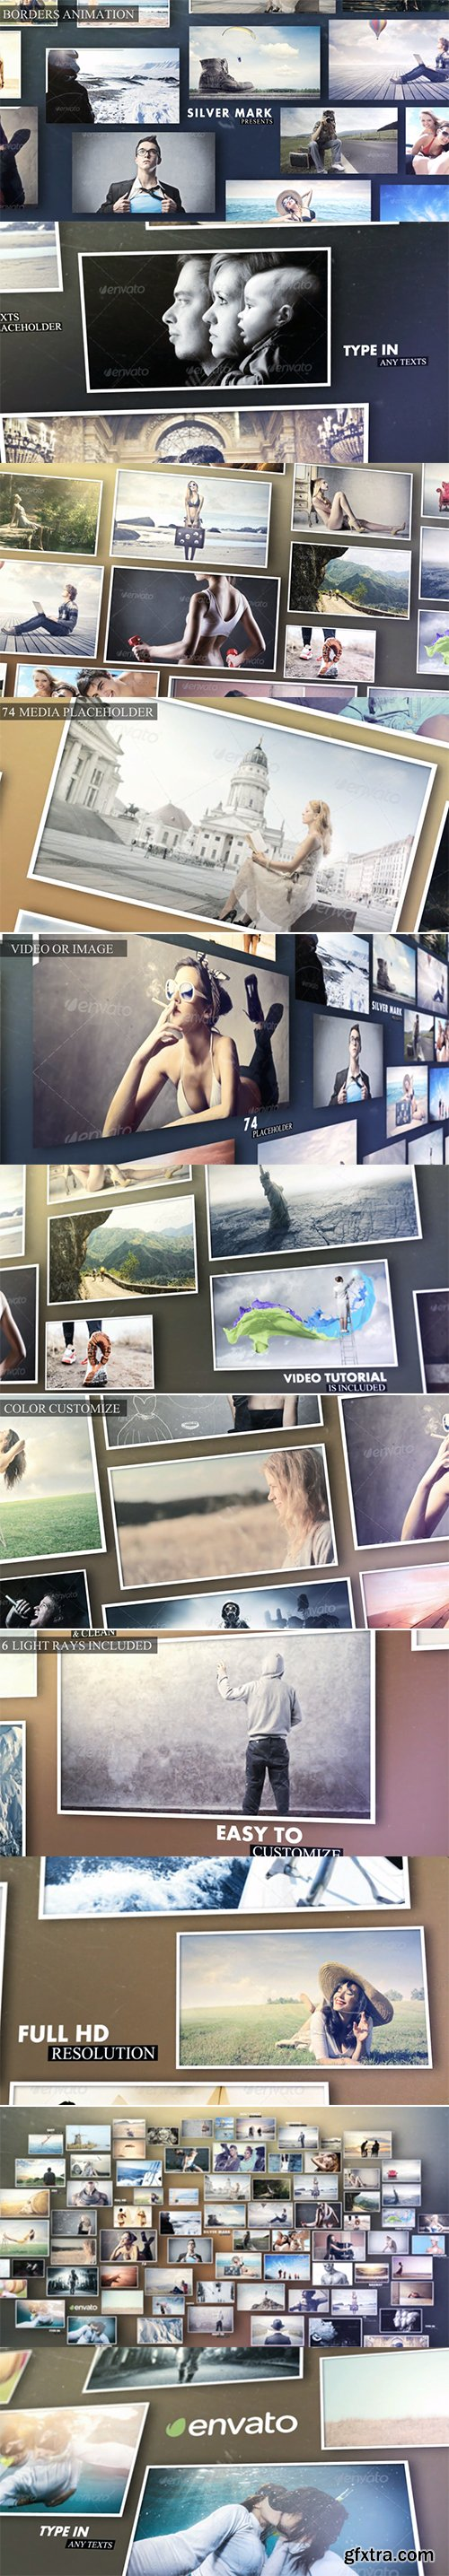 Videohive - 3D Photos Slideshow - V.2 - 7442683